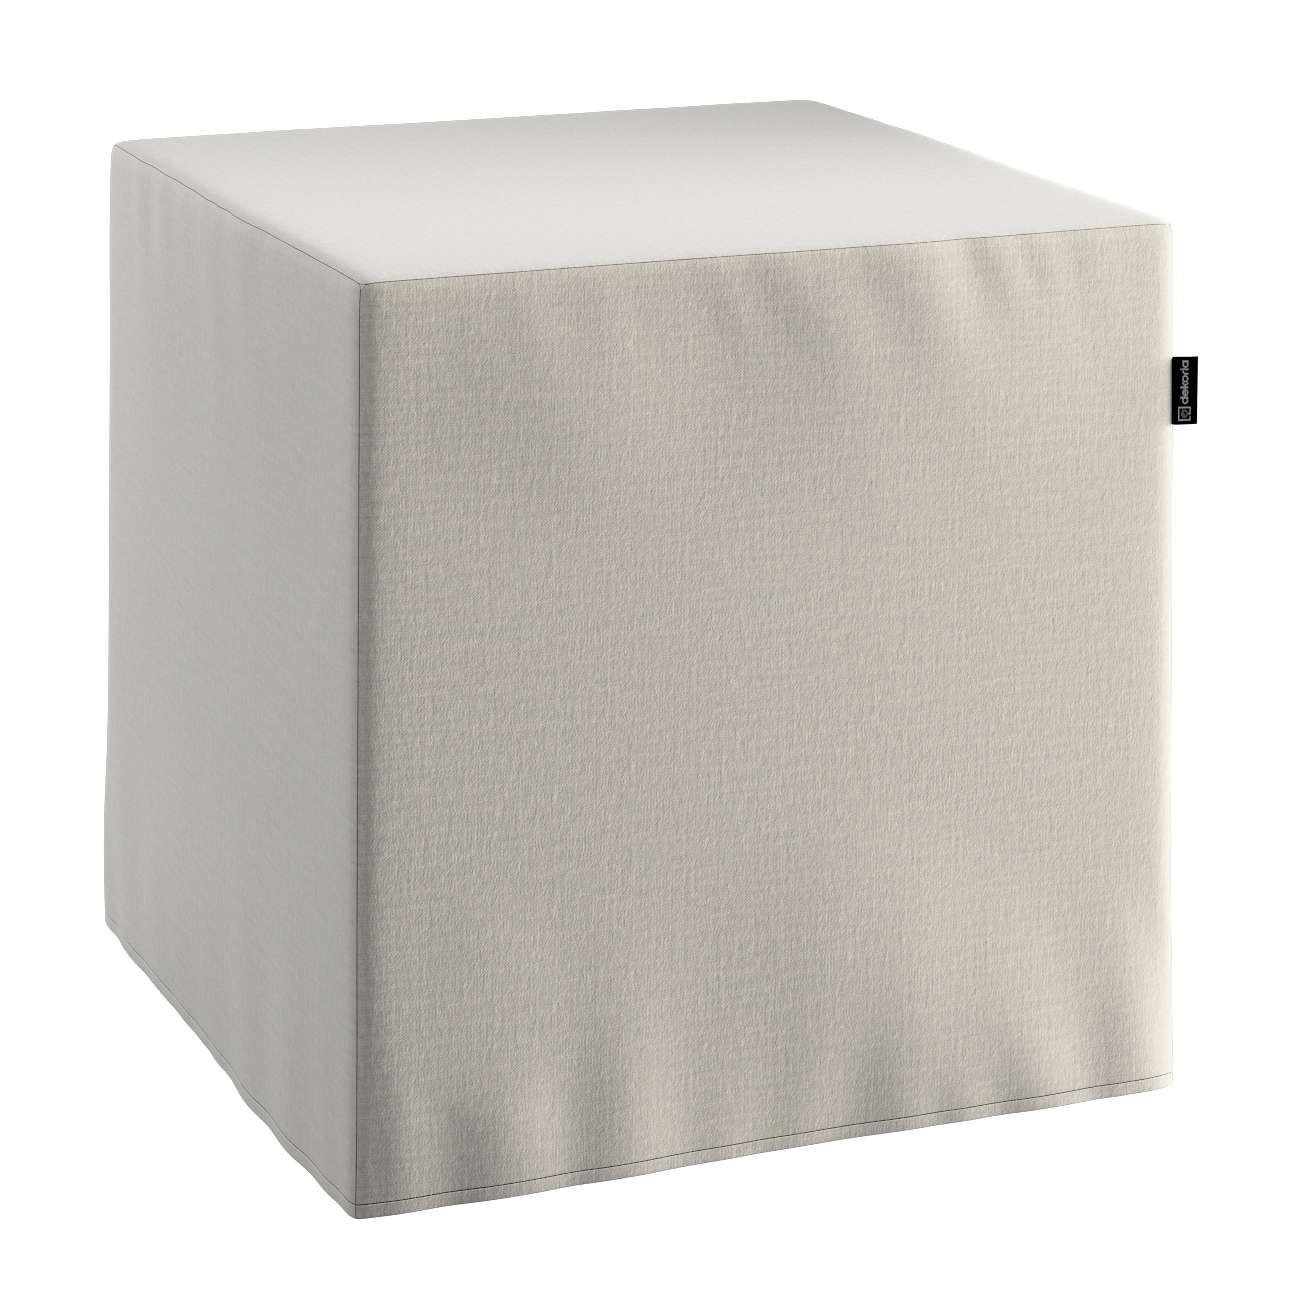 Pokrowiec na pufę kostkę w kolekcji Ingrid, tkanina: 705-40